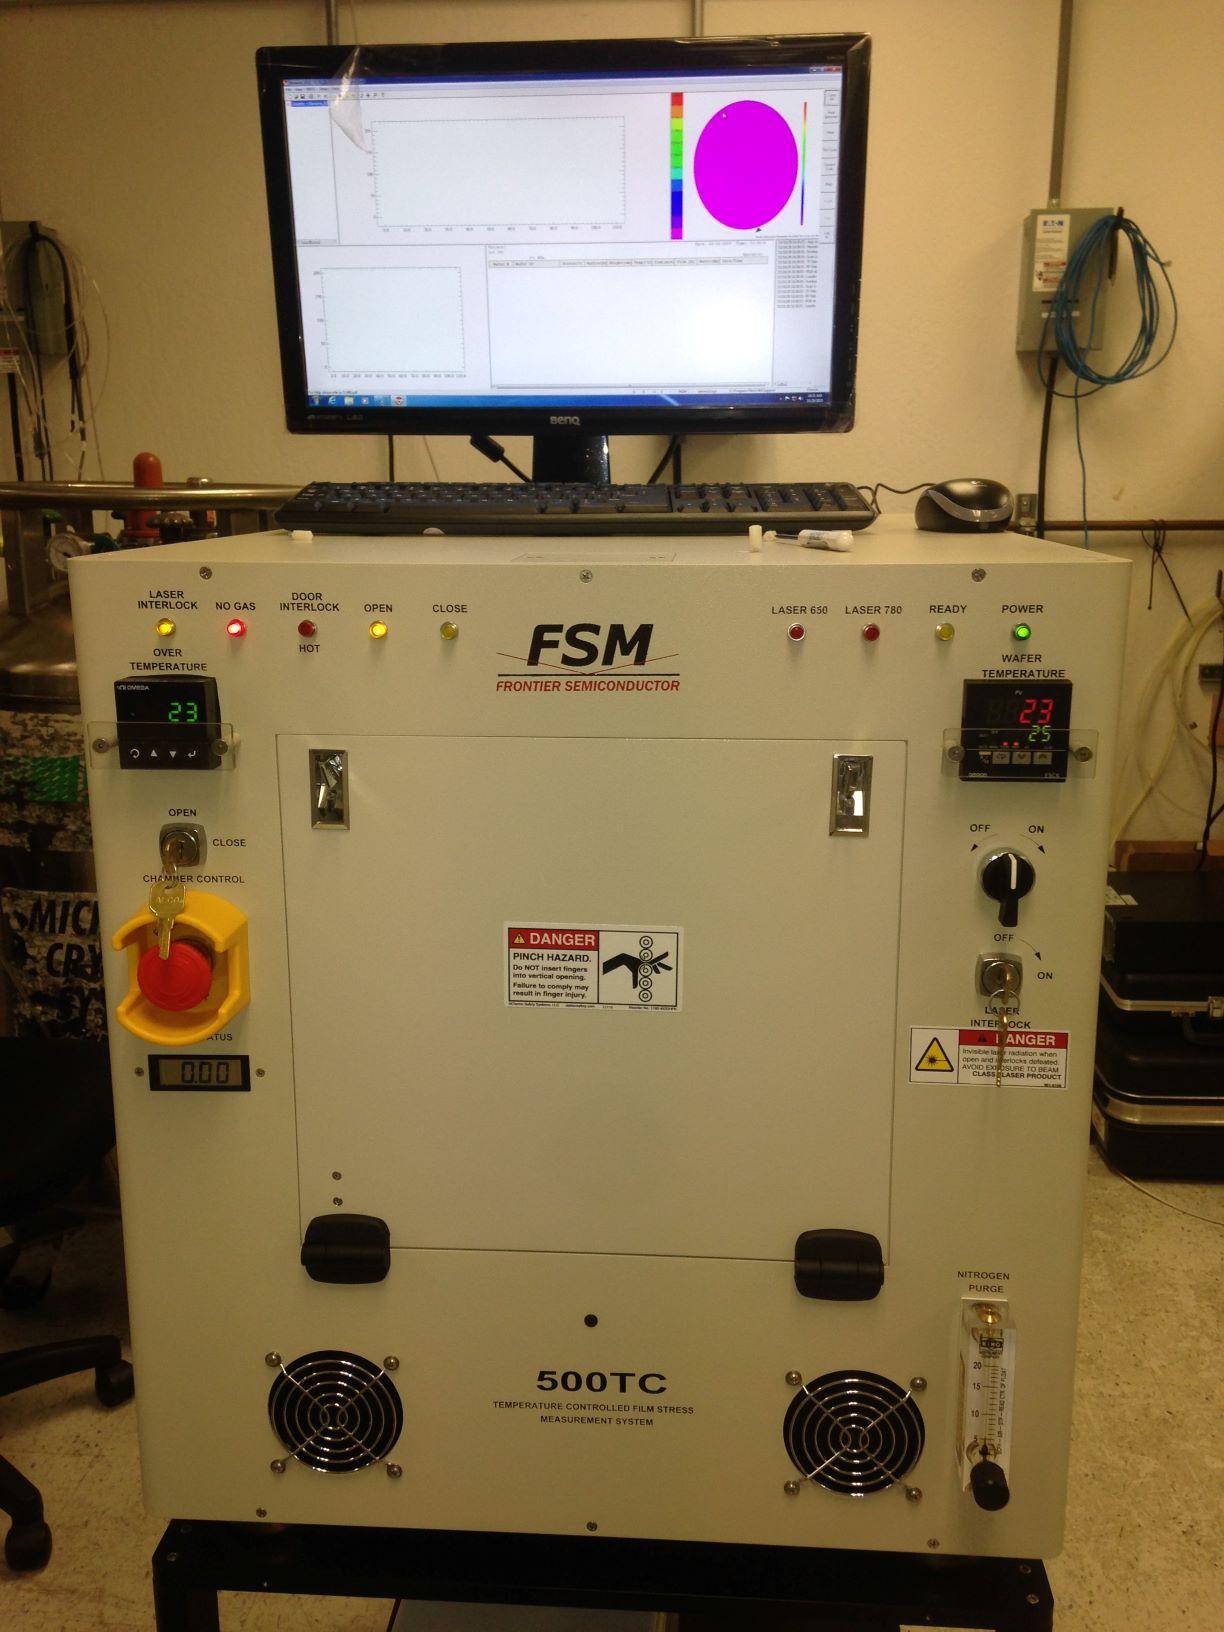 FSM薄膜应力仪,应力检测仪,高温下测量薄膜应力